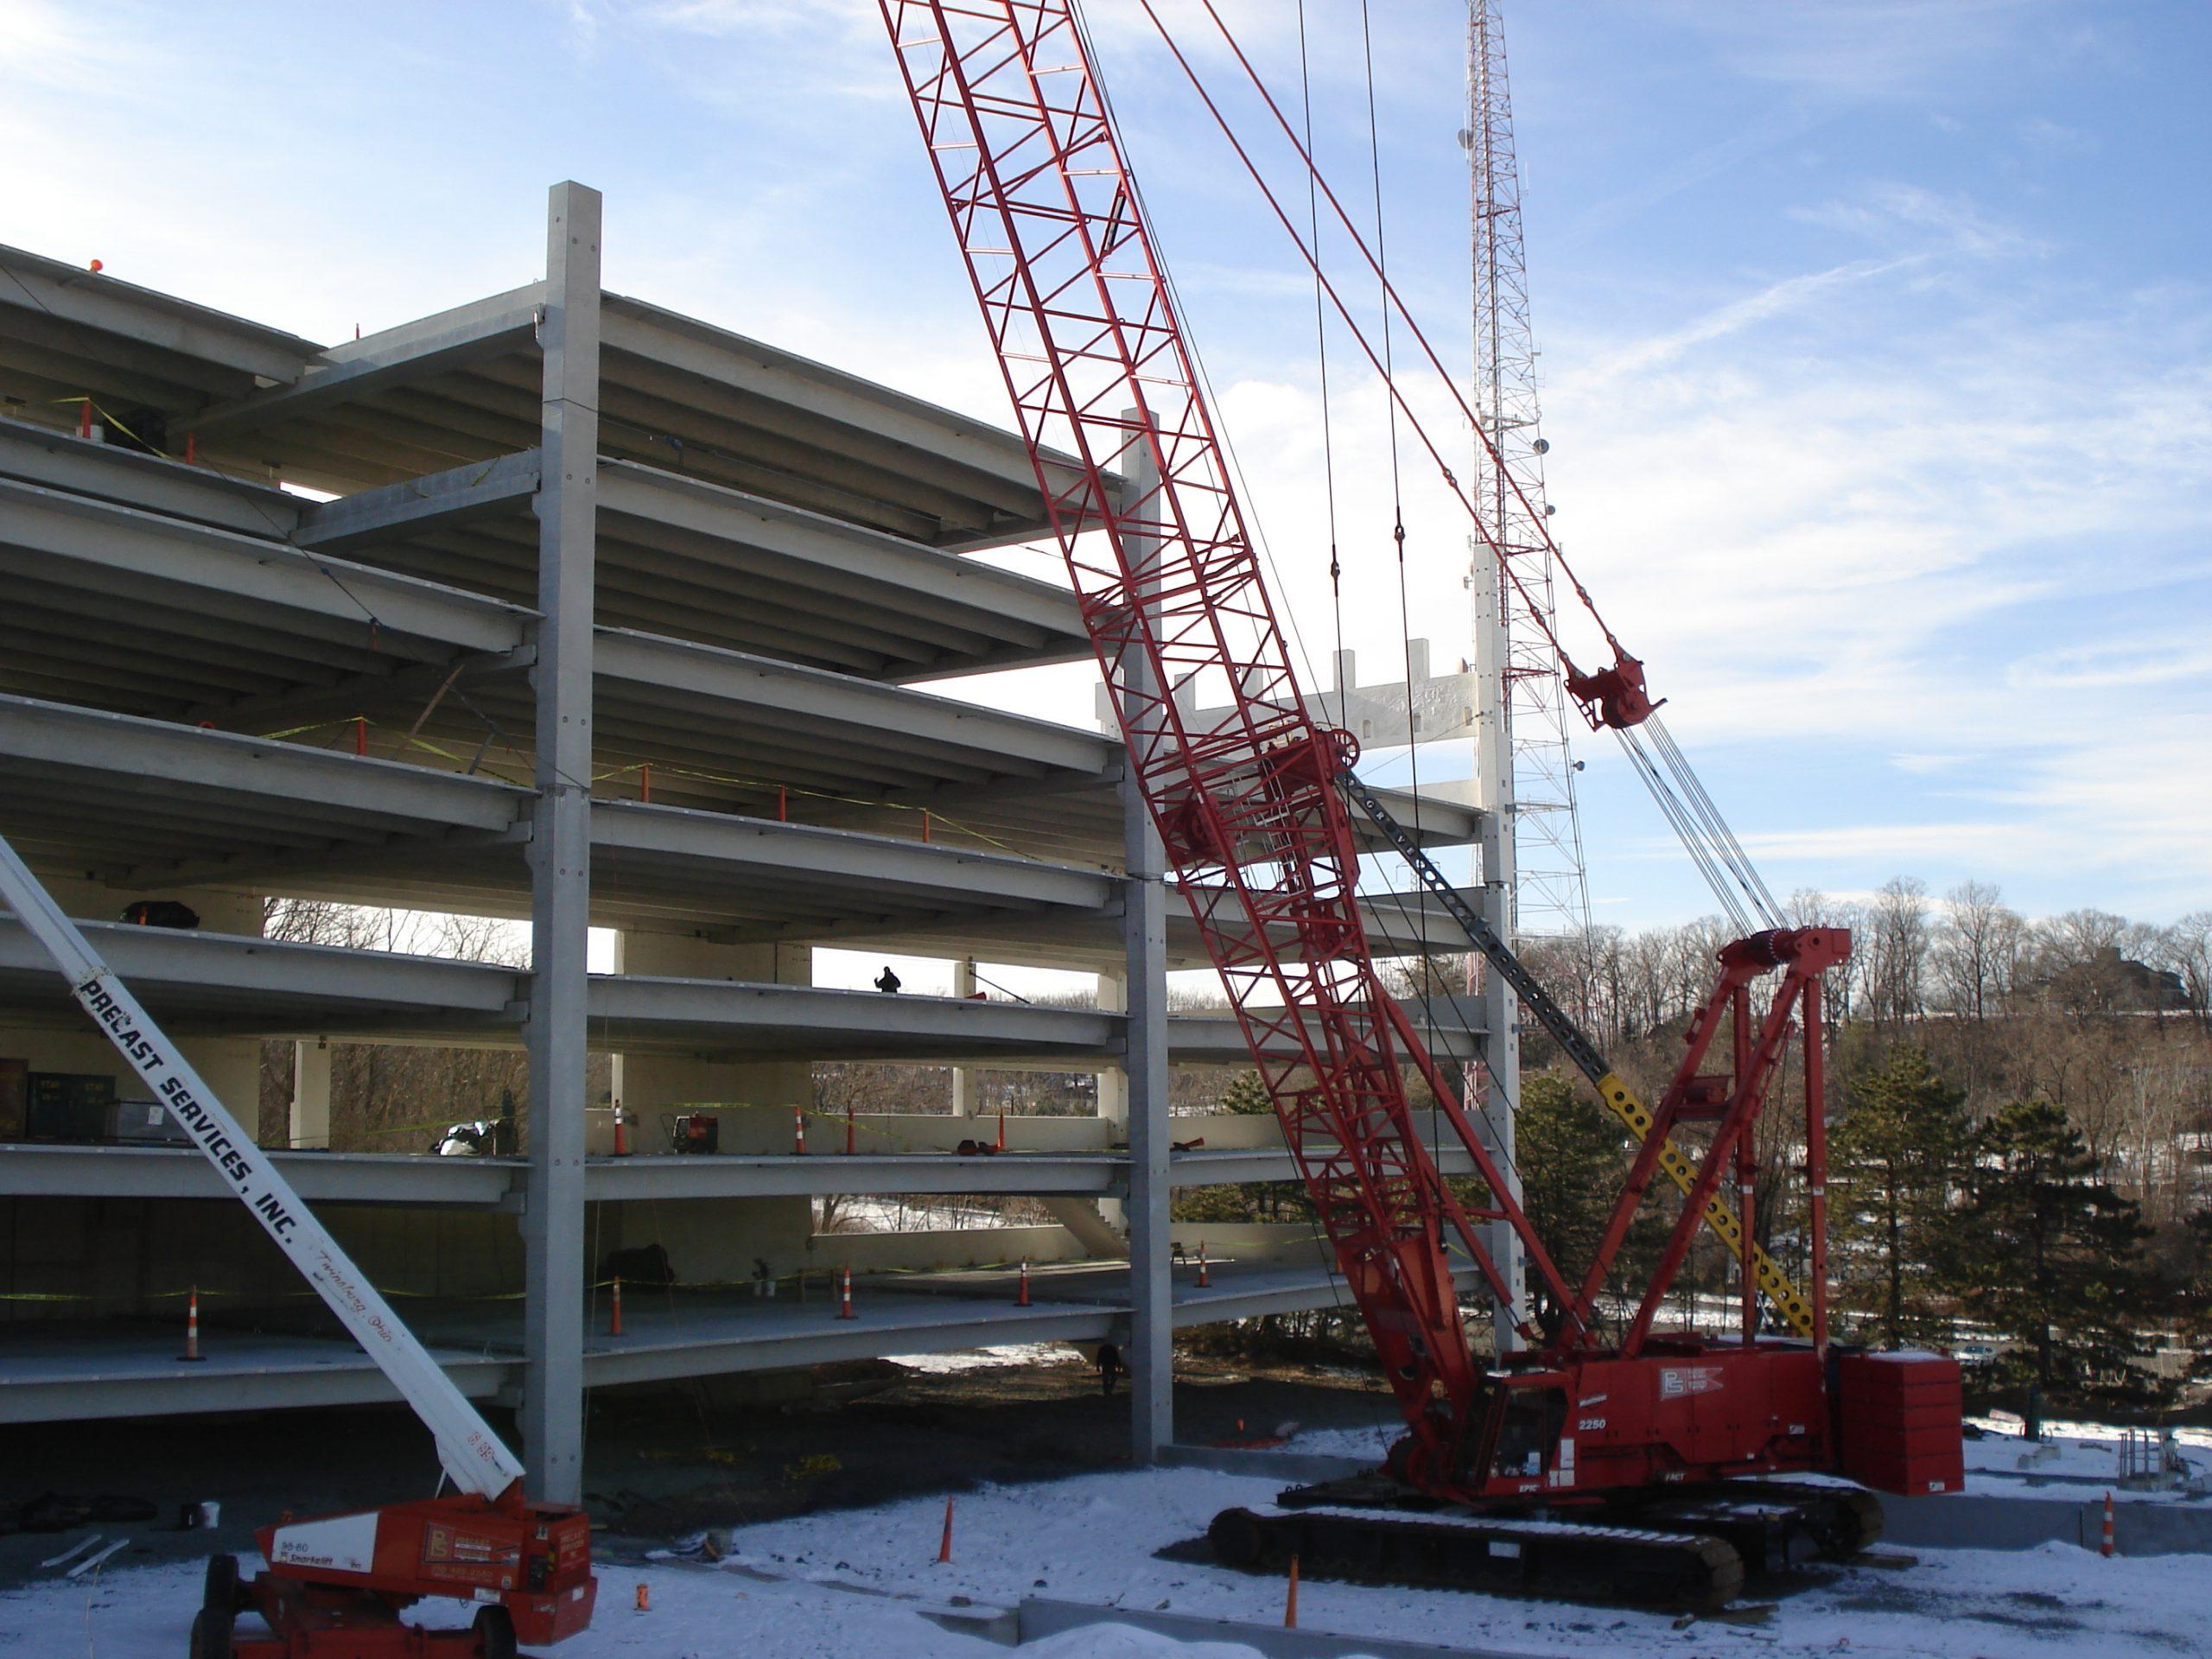 Montclair State University parking garage under construction